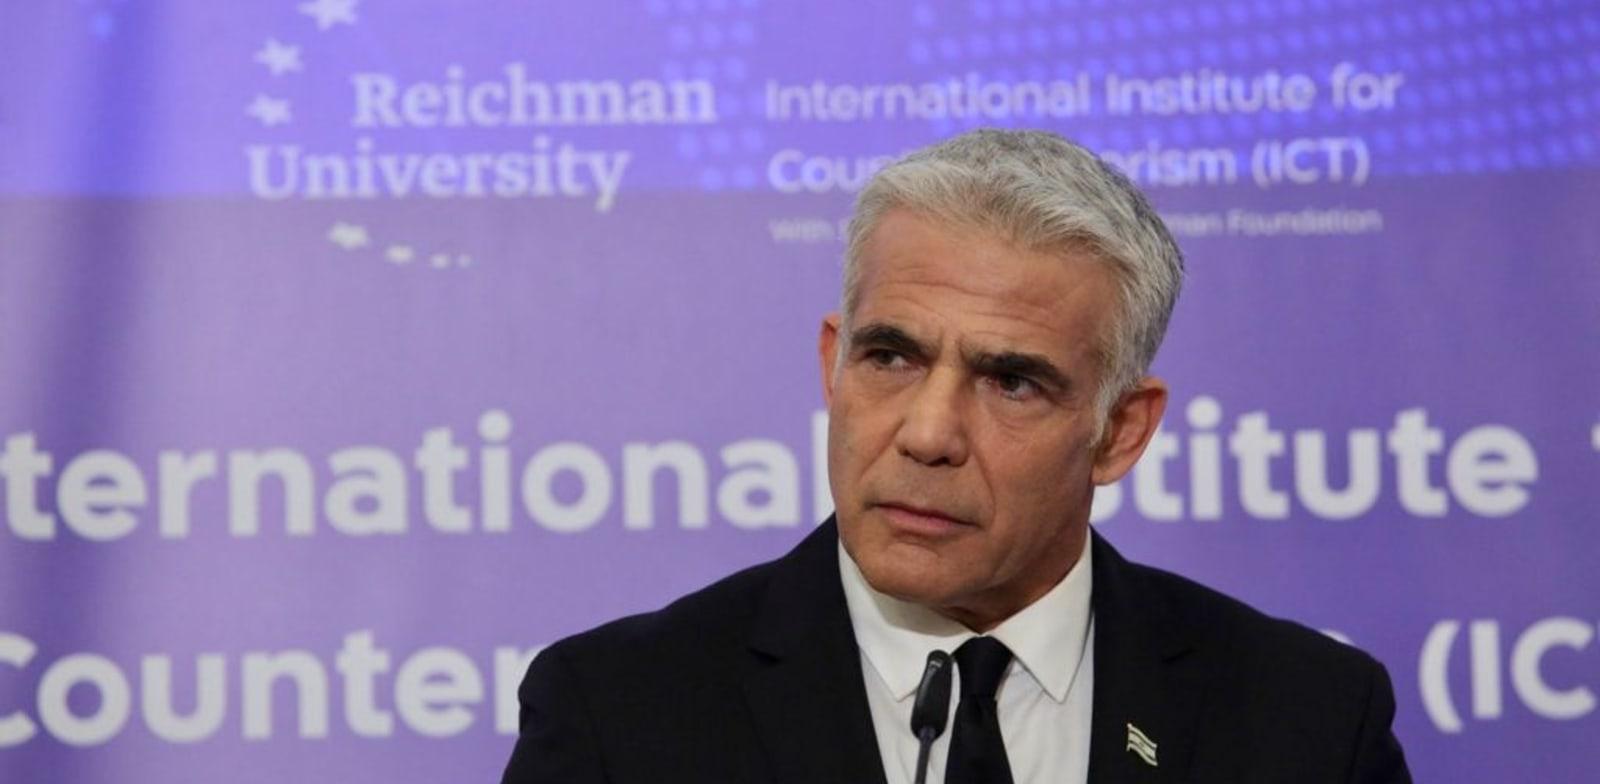 שר החוץ יאיר לפיד / צילום: רונן טופלברג